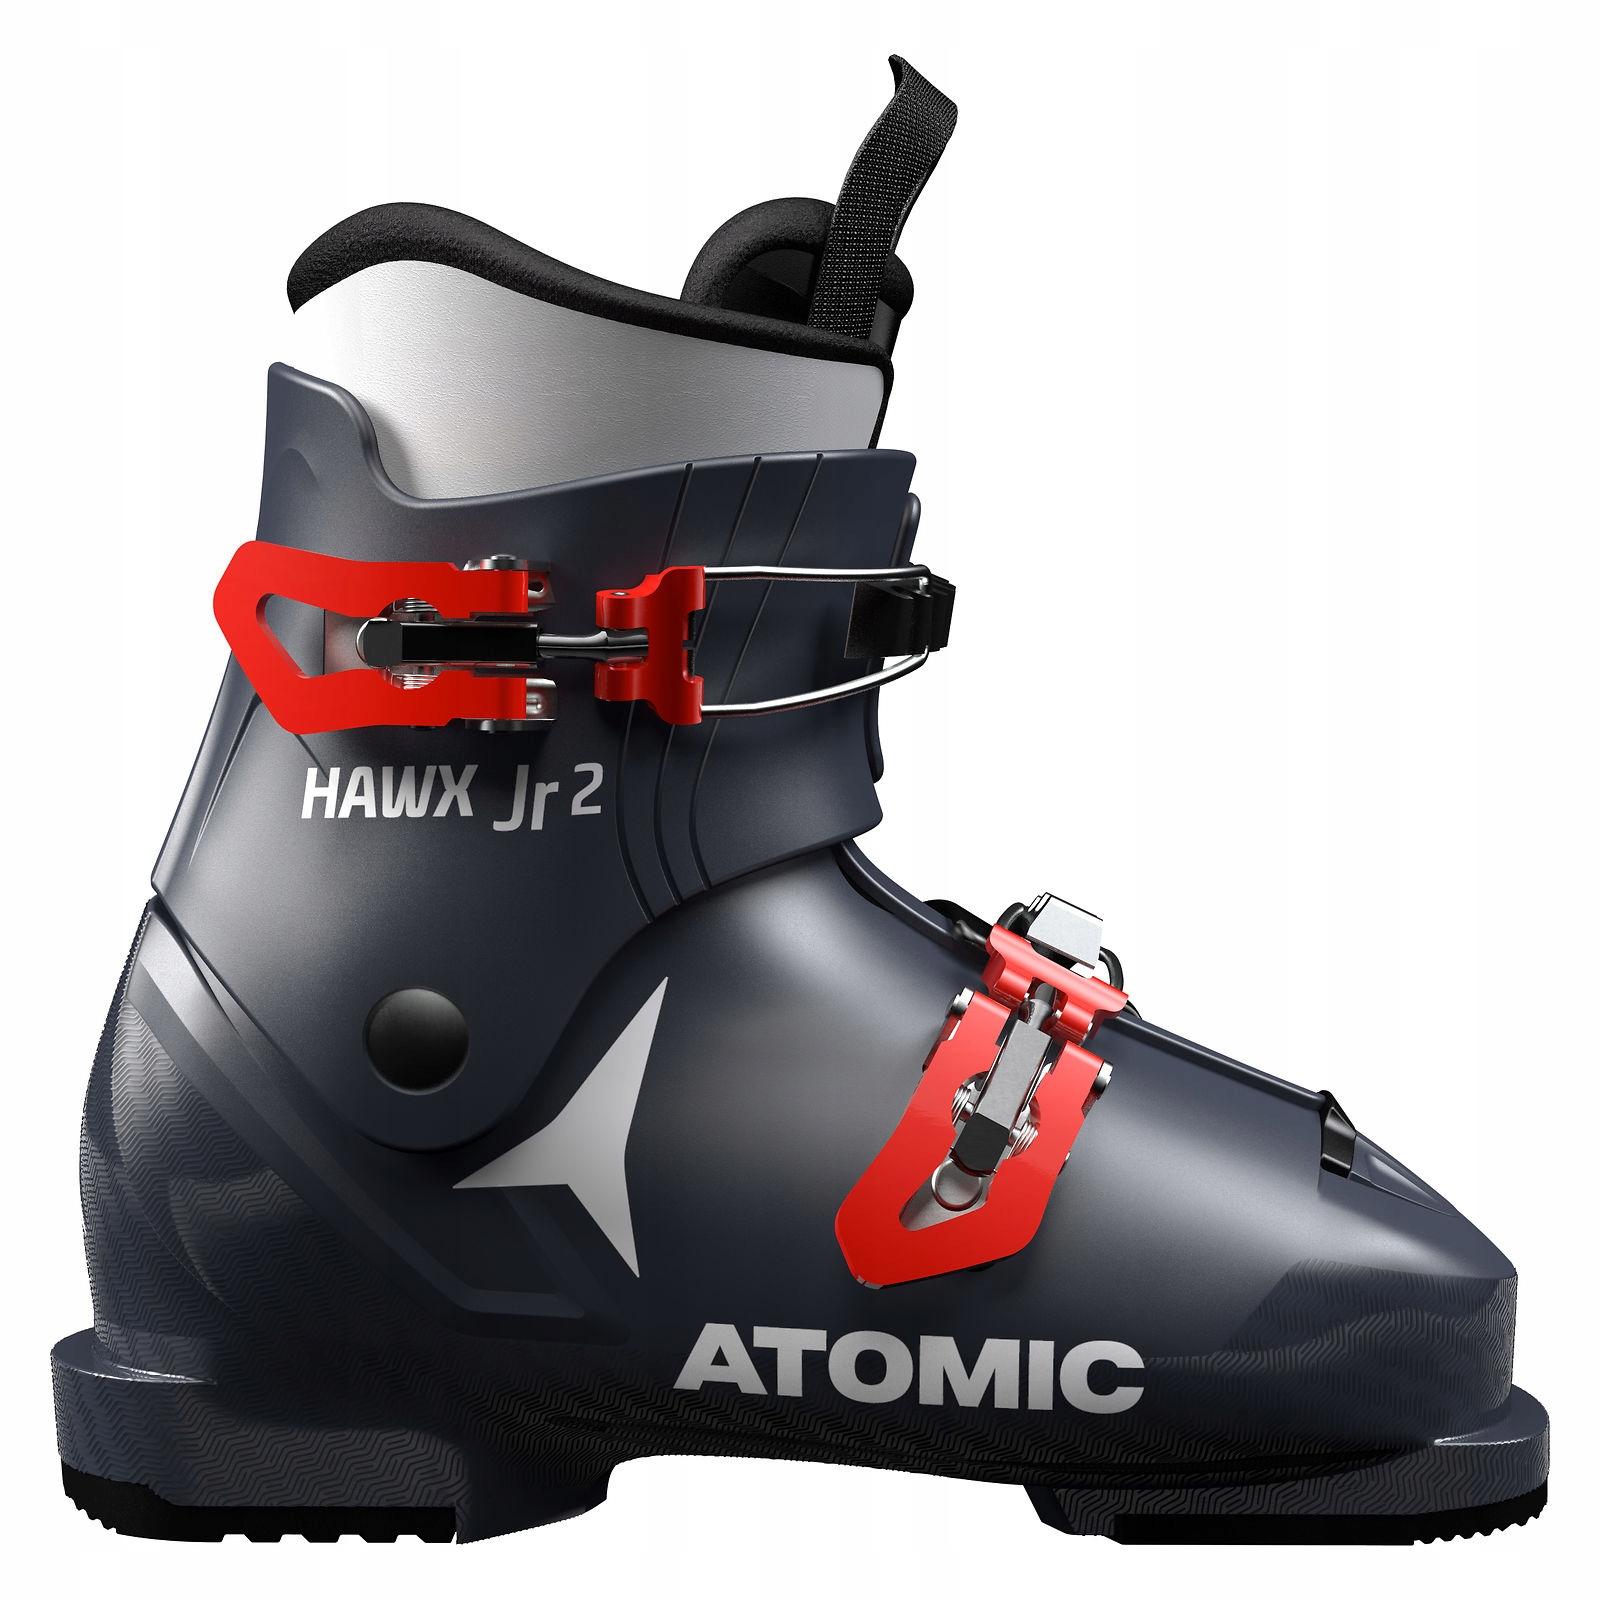 Topánky Atomic Hawx J2 F20| R. 19,5